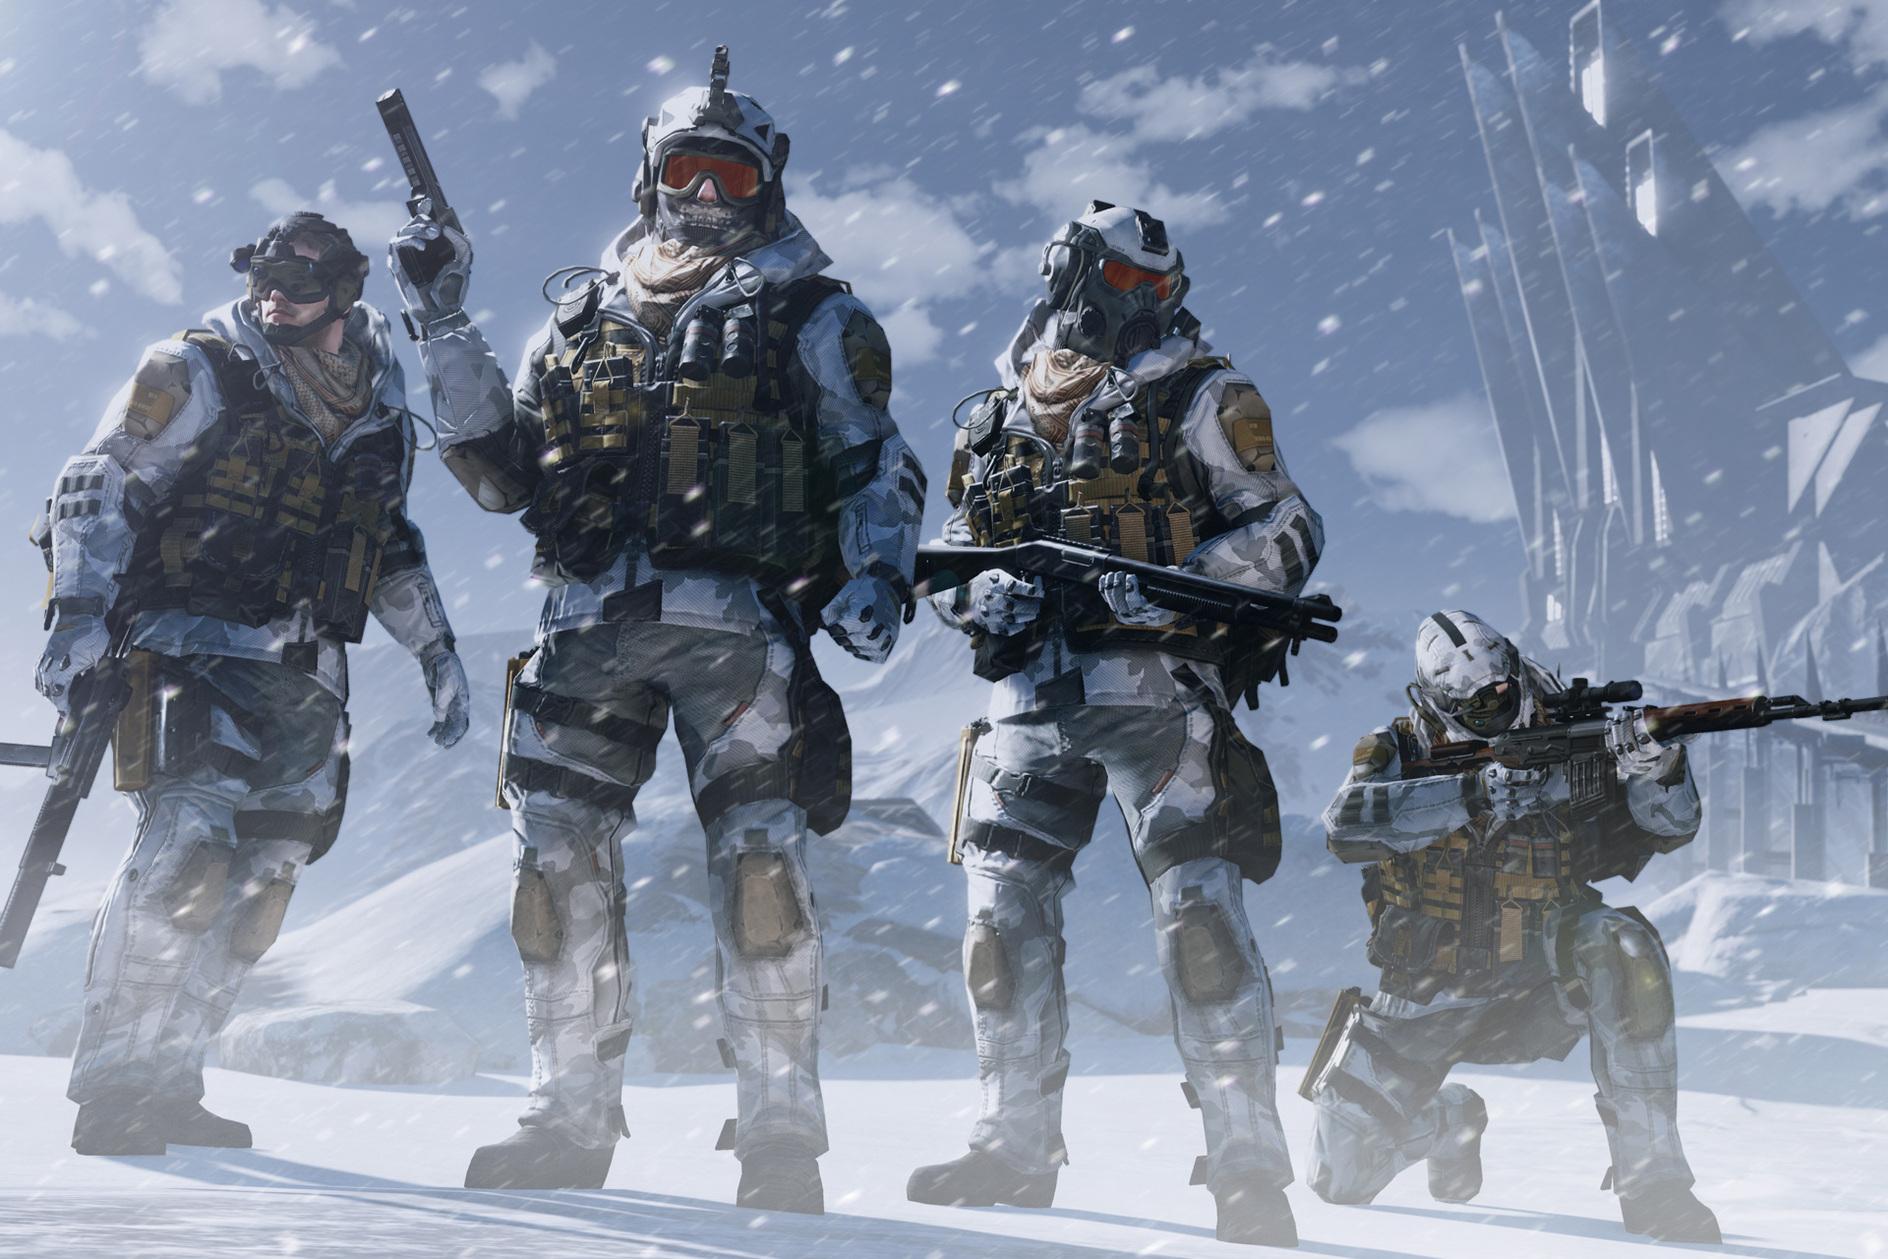 Топ внешность в игре - Warface